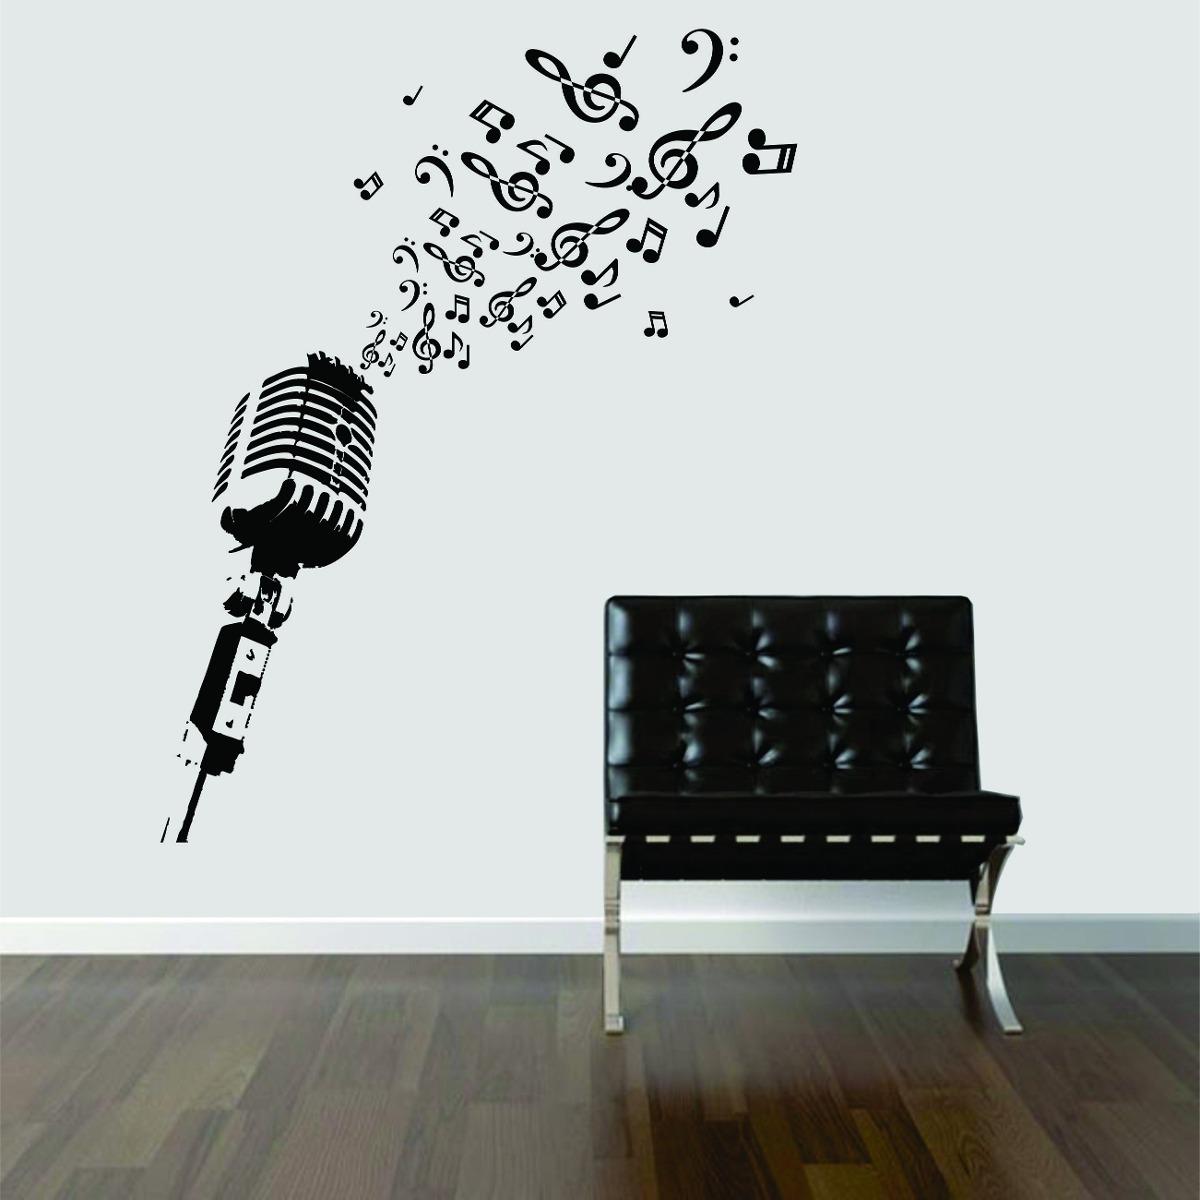 Armario Branco E Vermelho ~ Adesivo De Parede Sala Música Microfone Antigo Retr u00f4 Notas